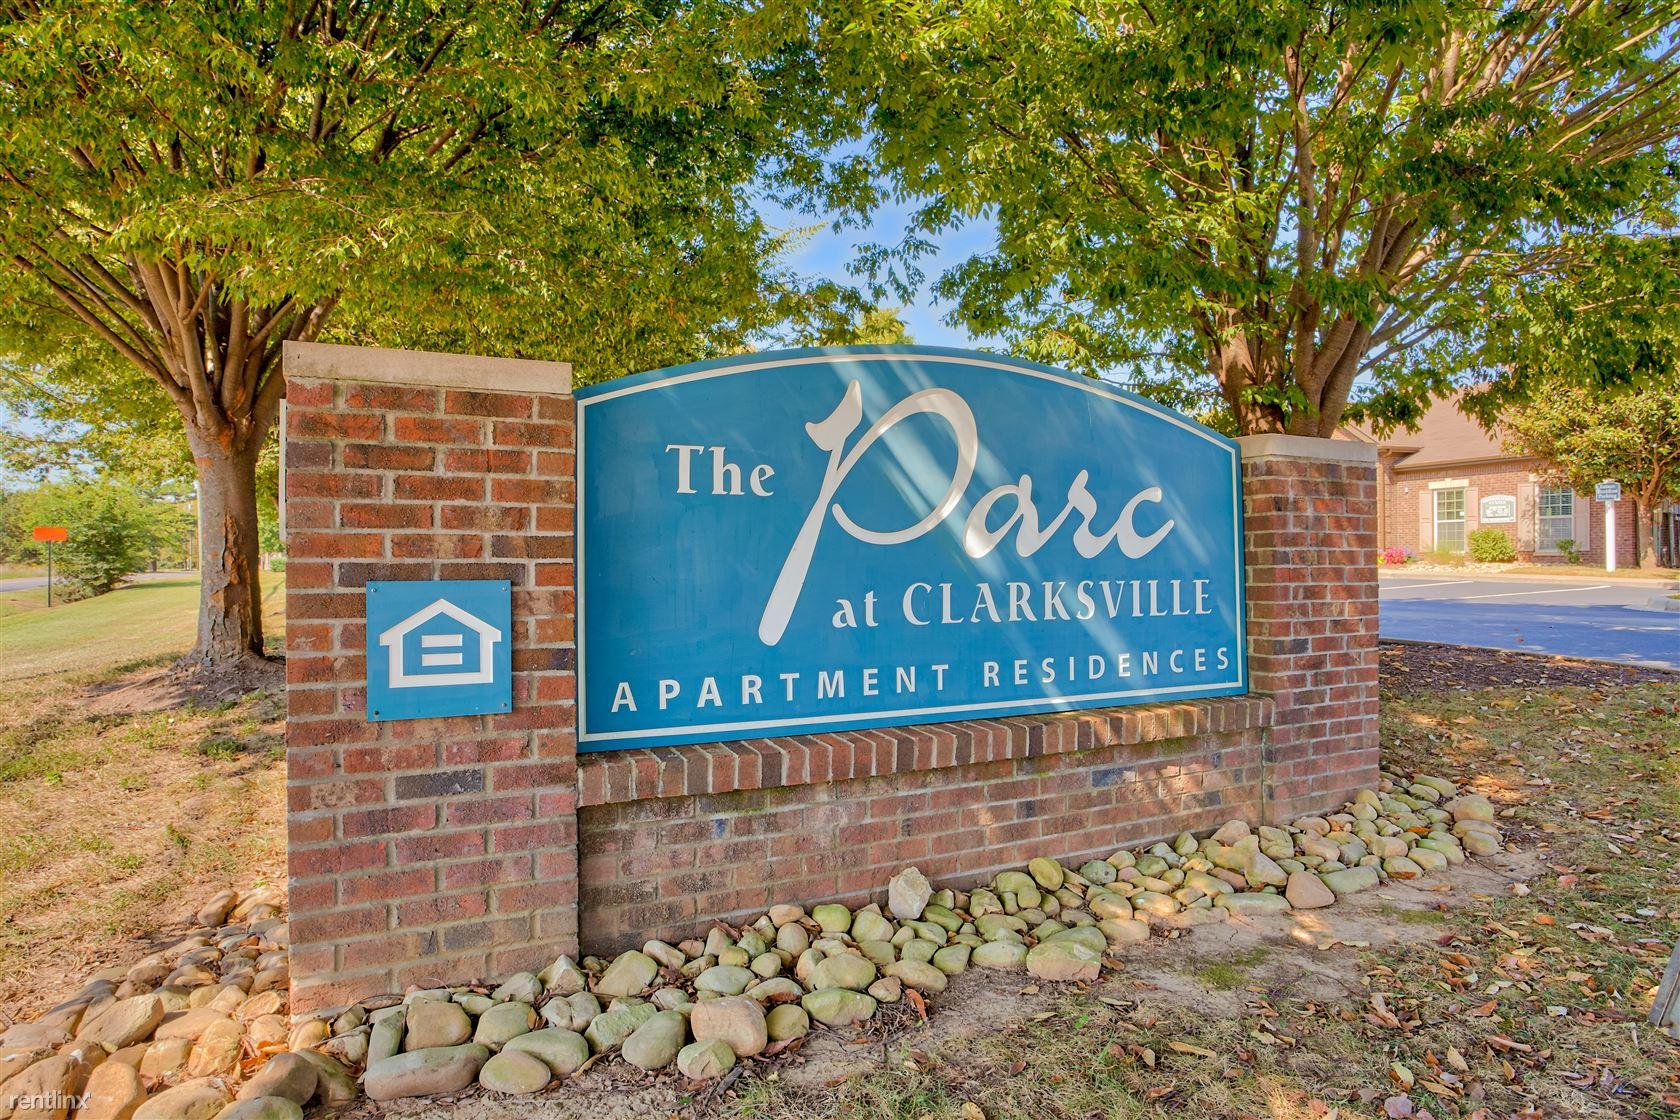 441 Needmore Rd, Clarksville, TN - $840